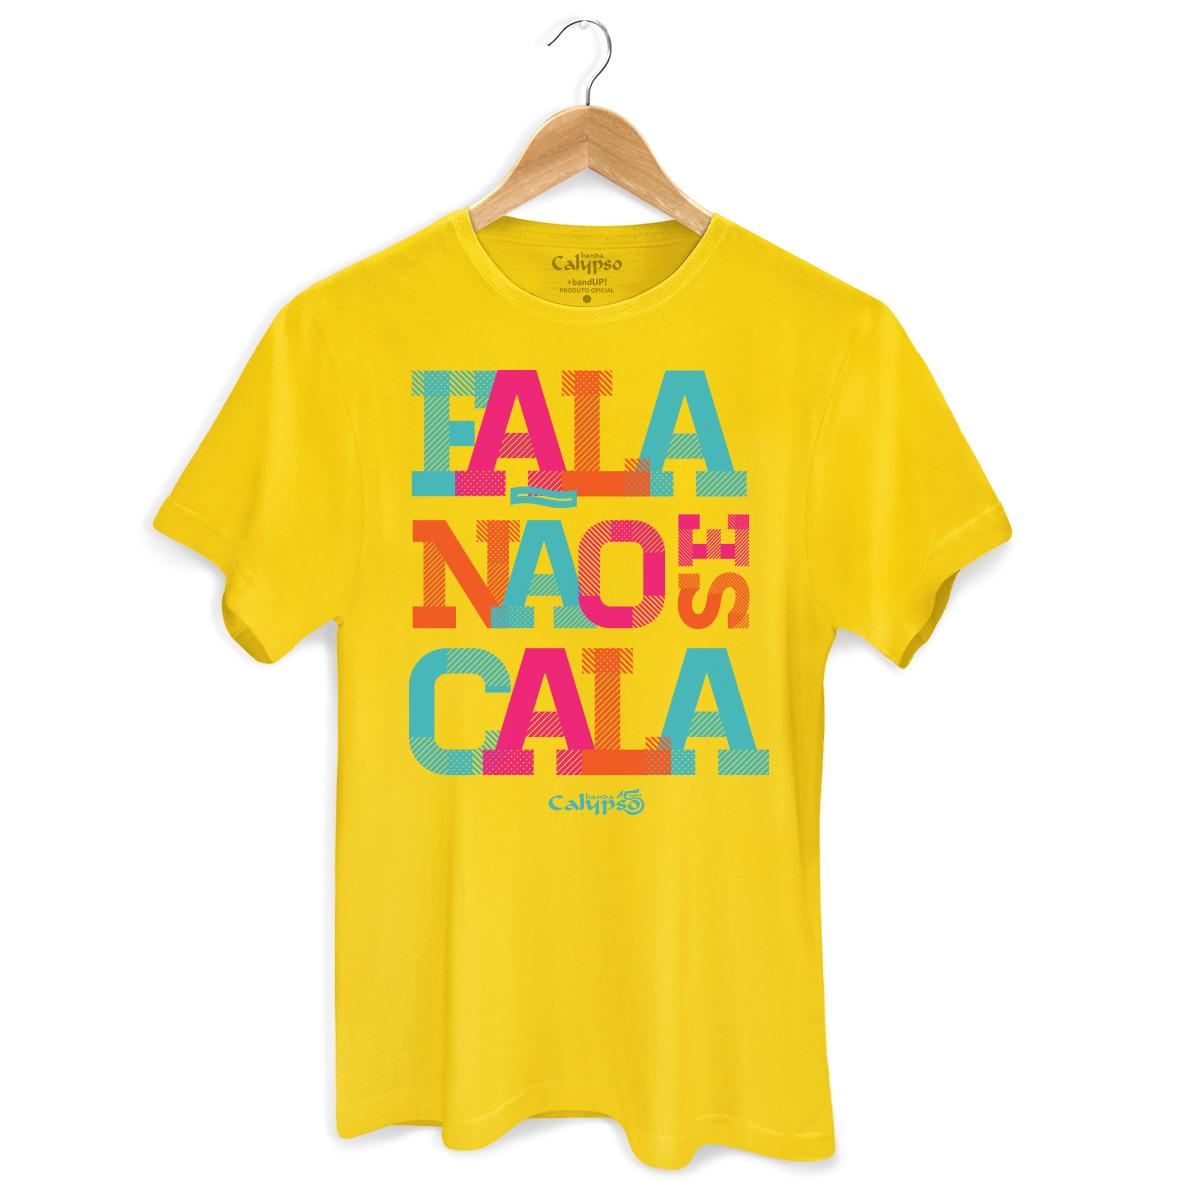 Camiseta Masculina Calypso Fala Não Se Cala